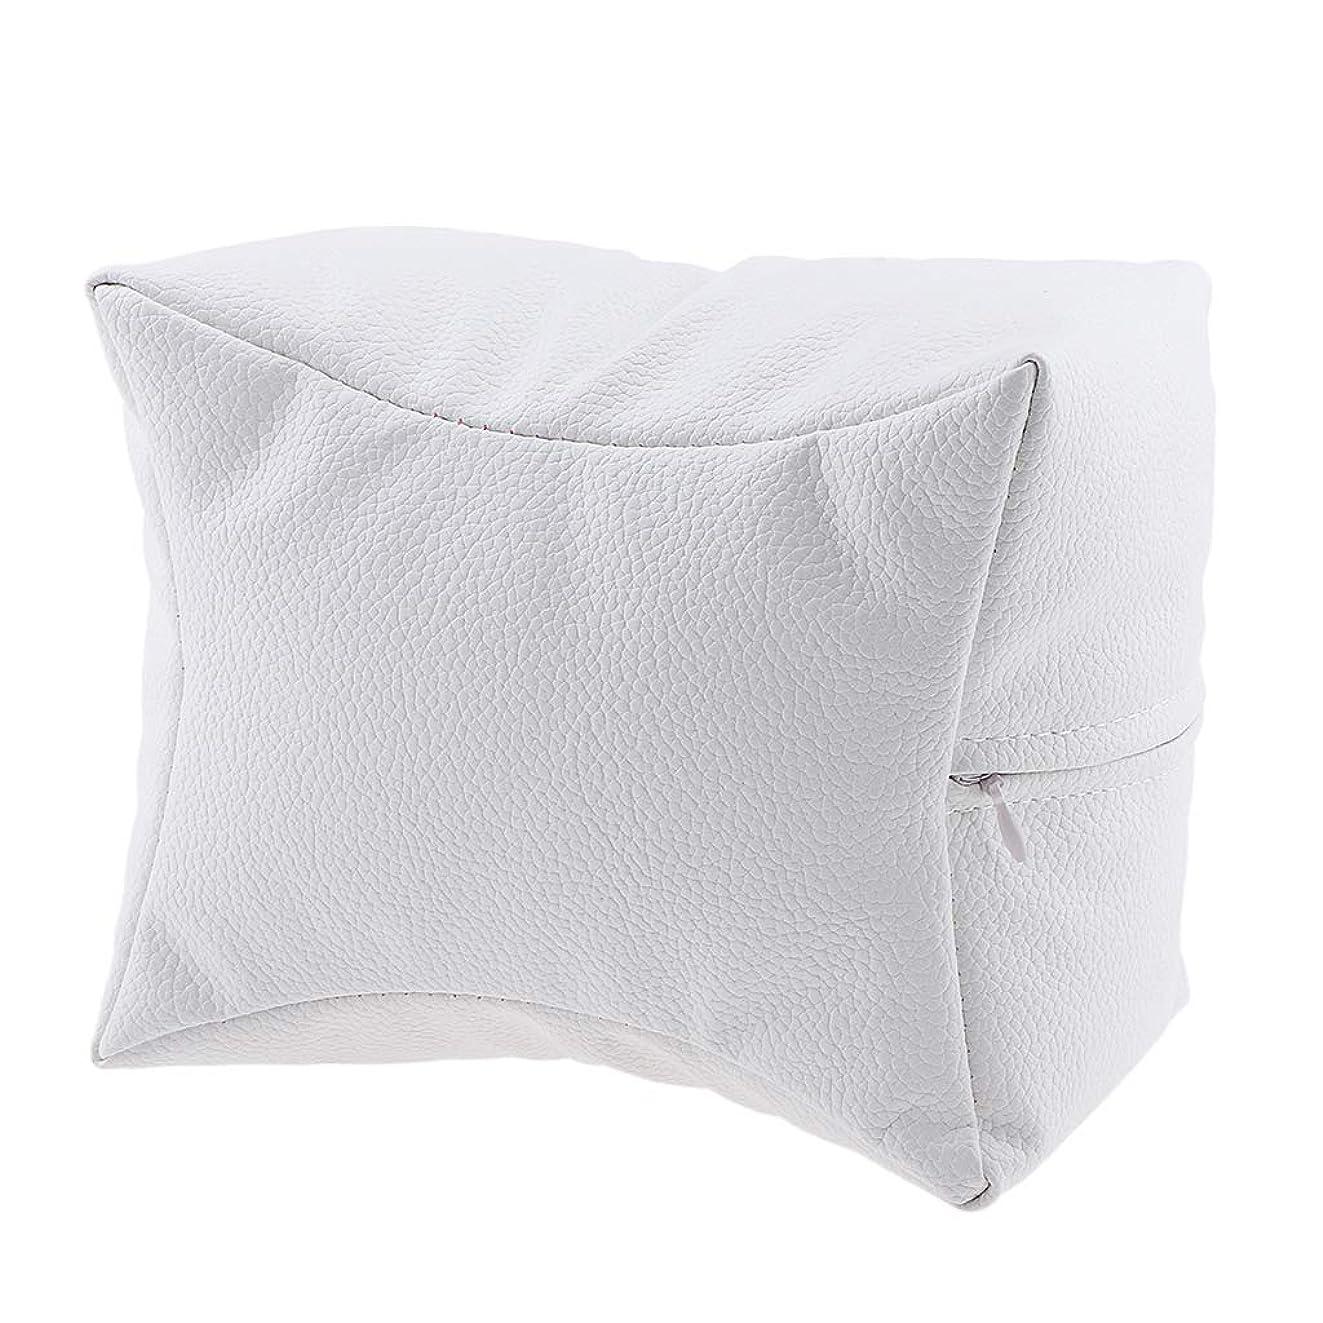 チーム保存するなめるB Blesiya ネイルサロン ハンドクッション レストピロー 手枕 弾力性 4色選べ - 白